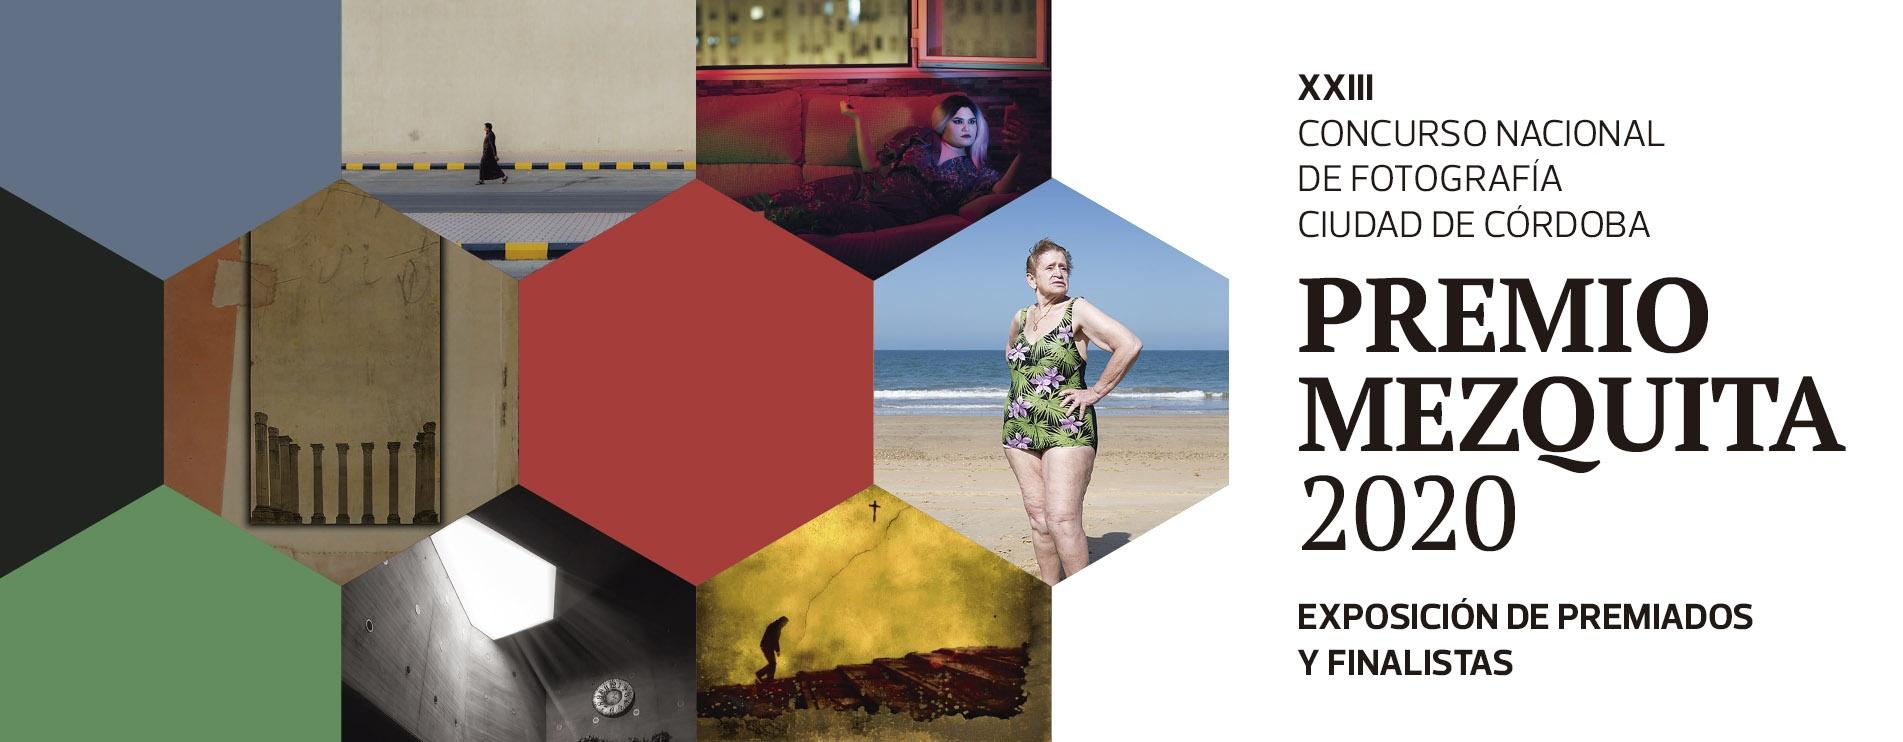 Exposición del XXIII Concurso Nacional de Fotografía Ciudad de Córdoba. Premio Mezquita 2020